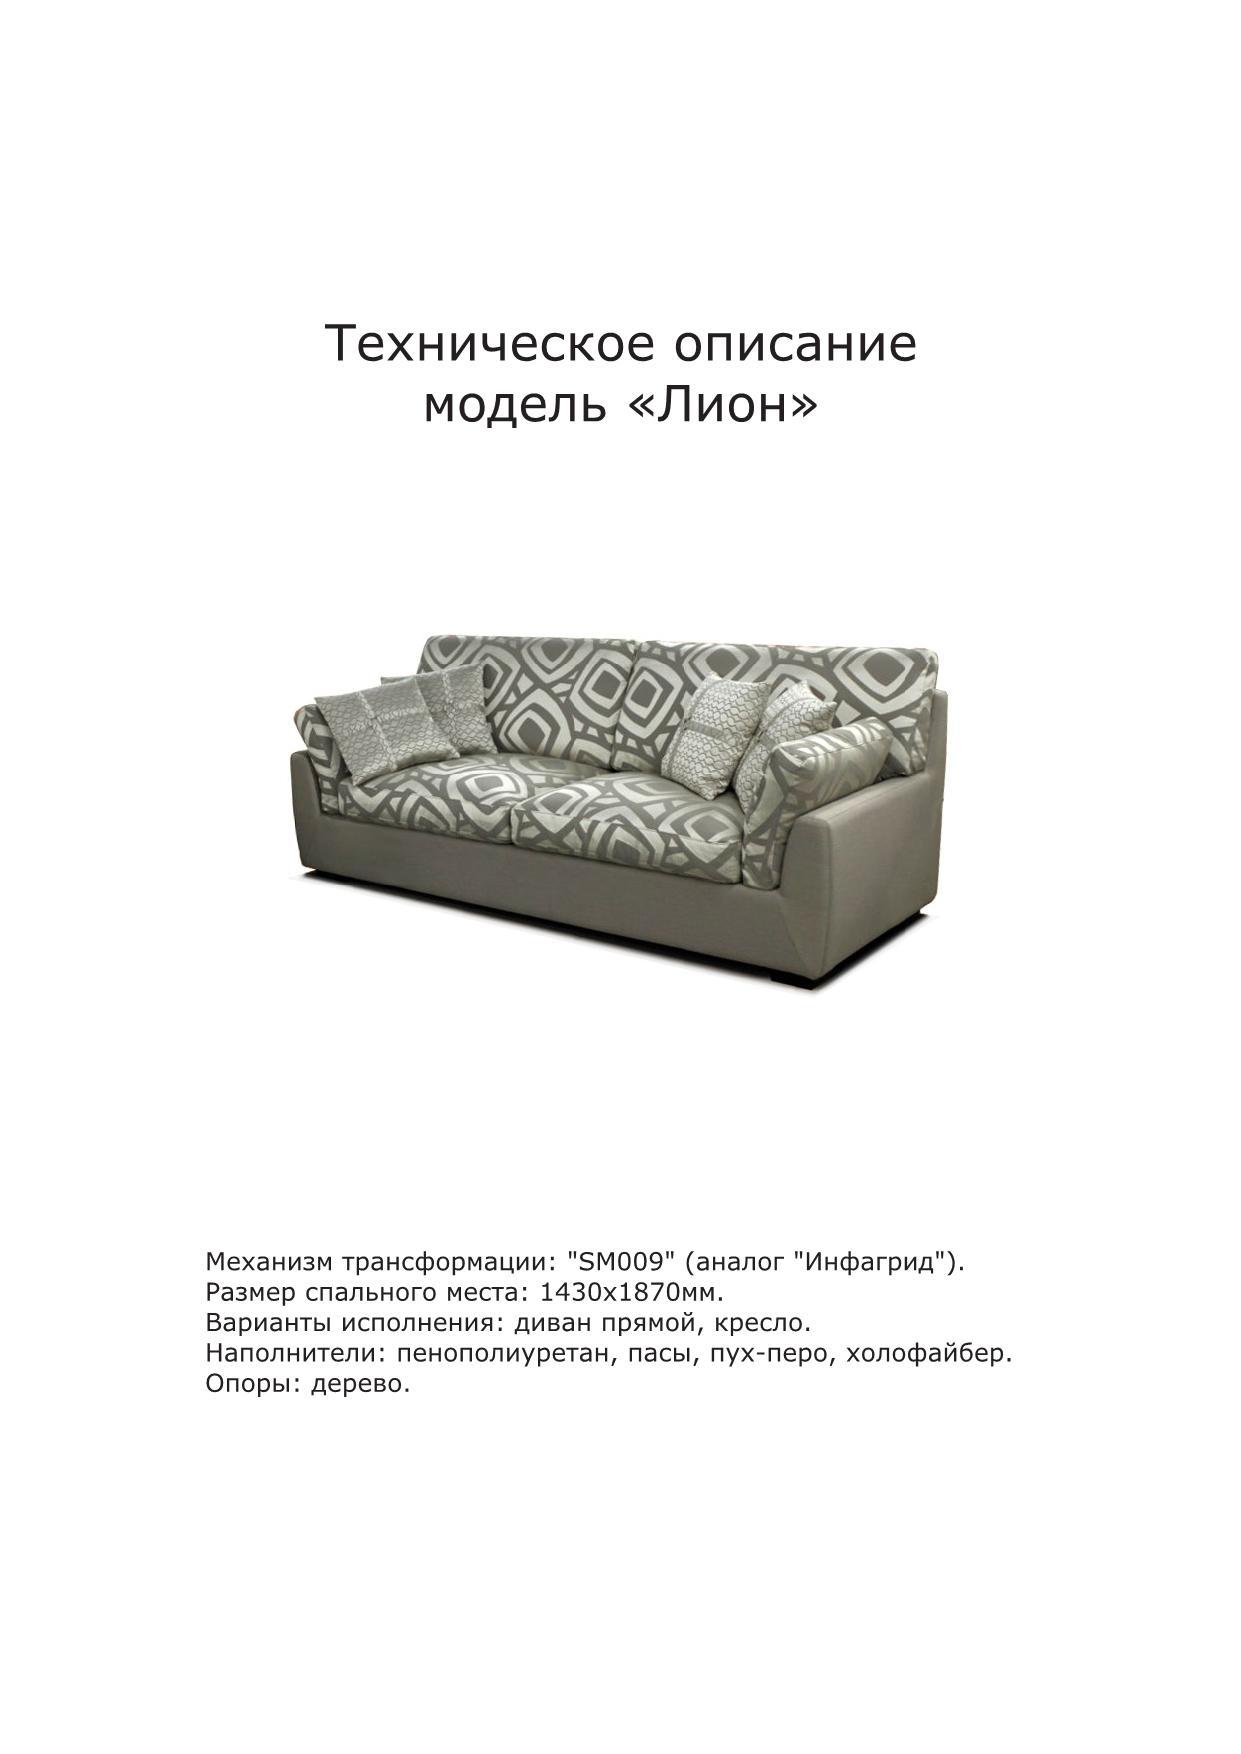 Фото Диван |3р синтепух| «Лион 3» ZlataMebel - sofino.ua